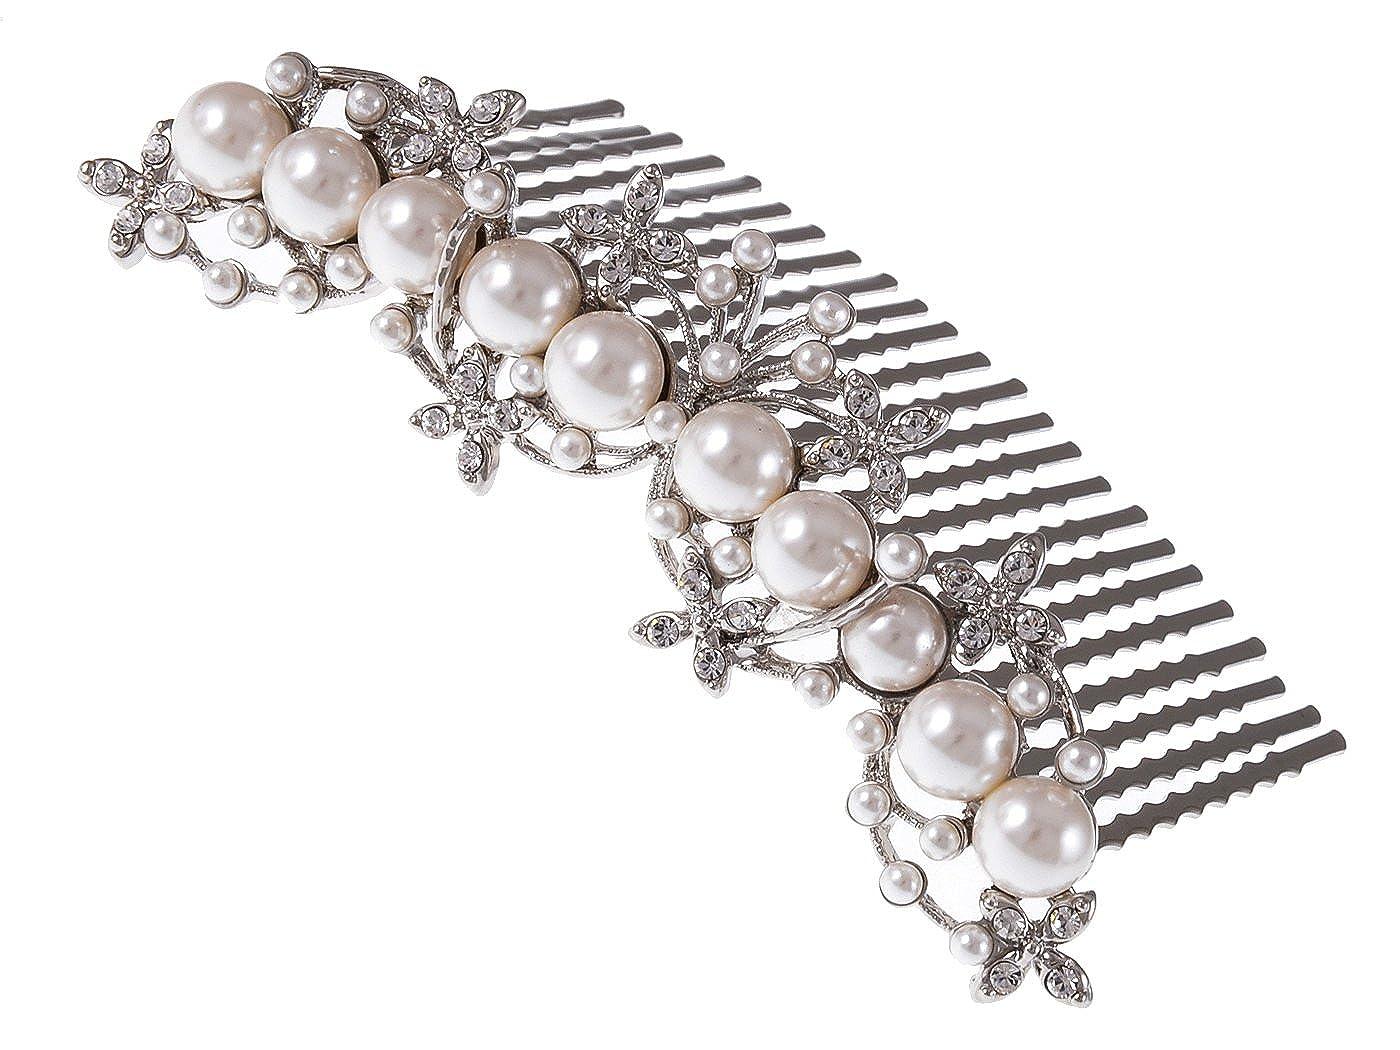 Alilang argenteo tono strass di cristallo trasparente decorativo floreale stame perla nuziale pettine base metal colore: Silvery cod. H0121